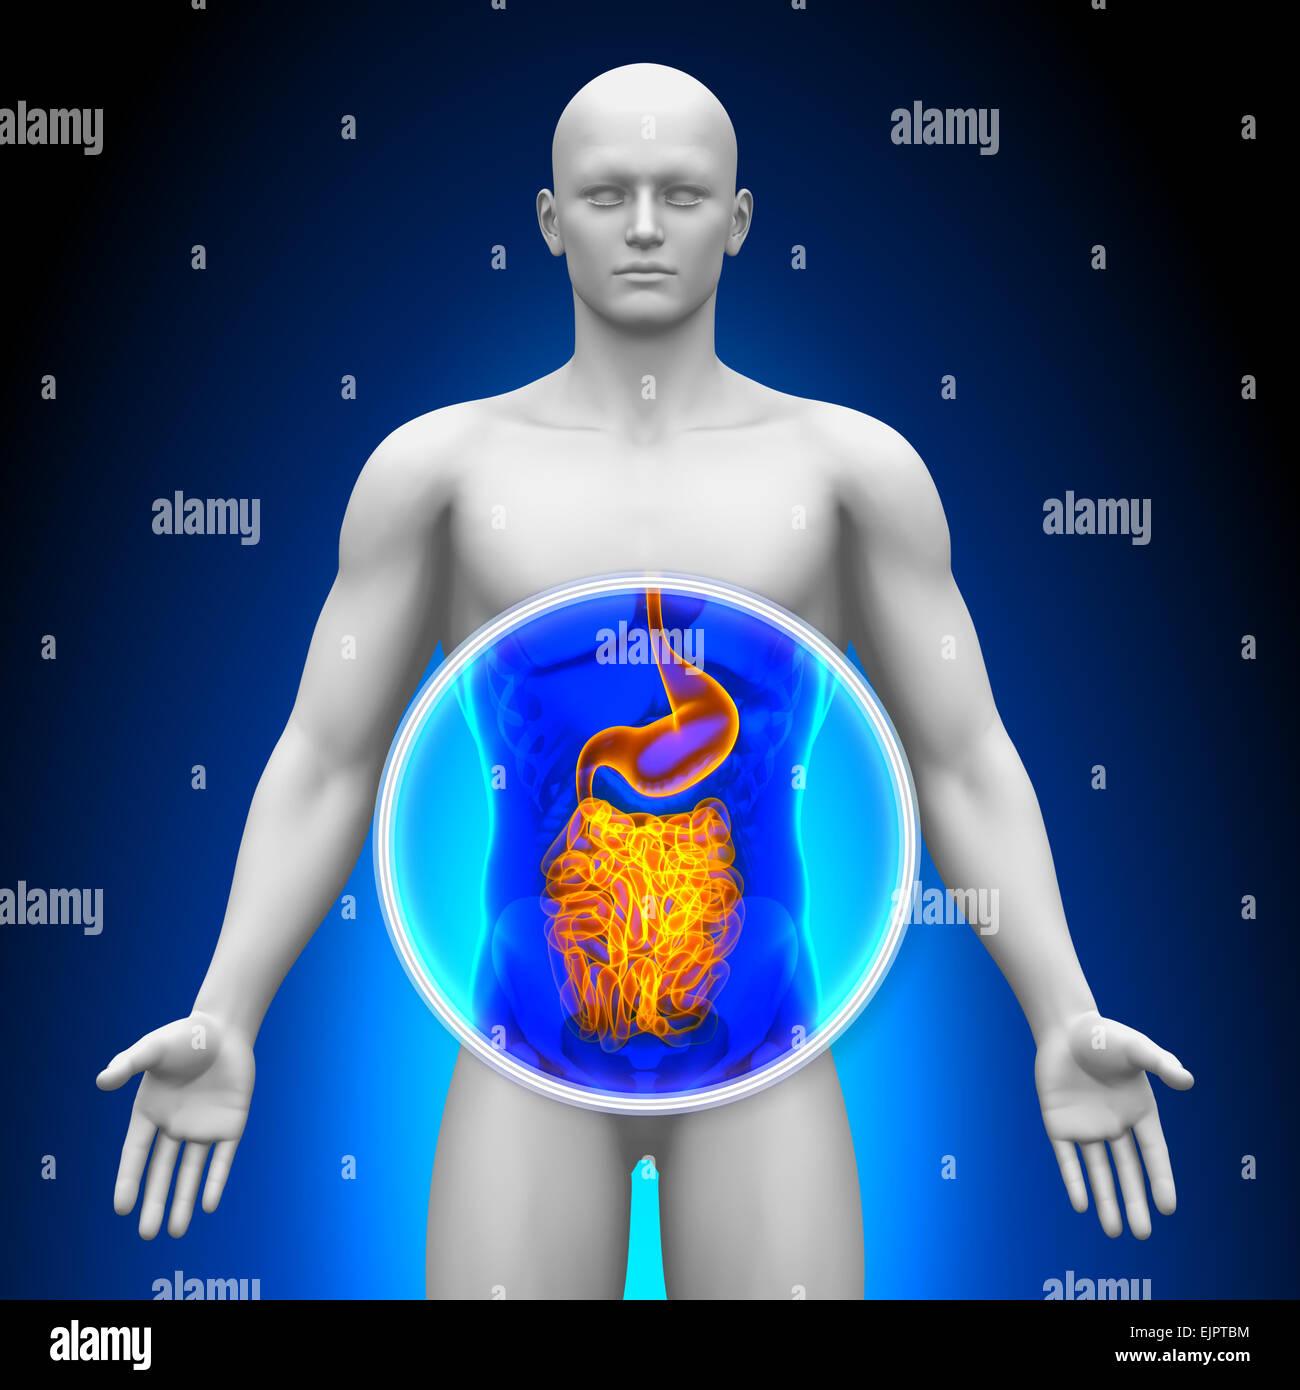 Mut - männliche Organe - Anatomie des Menschen Stockfoto, Bild ...